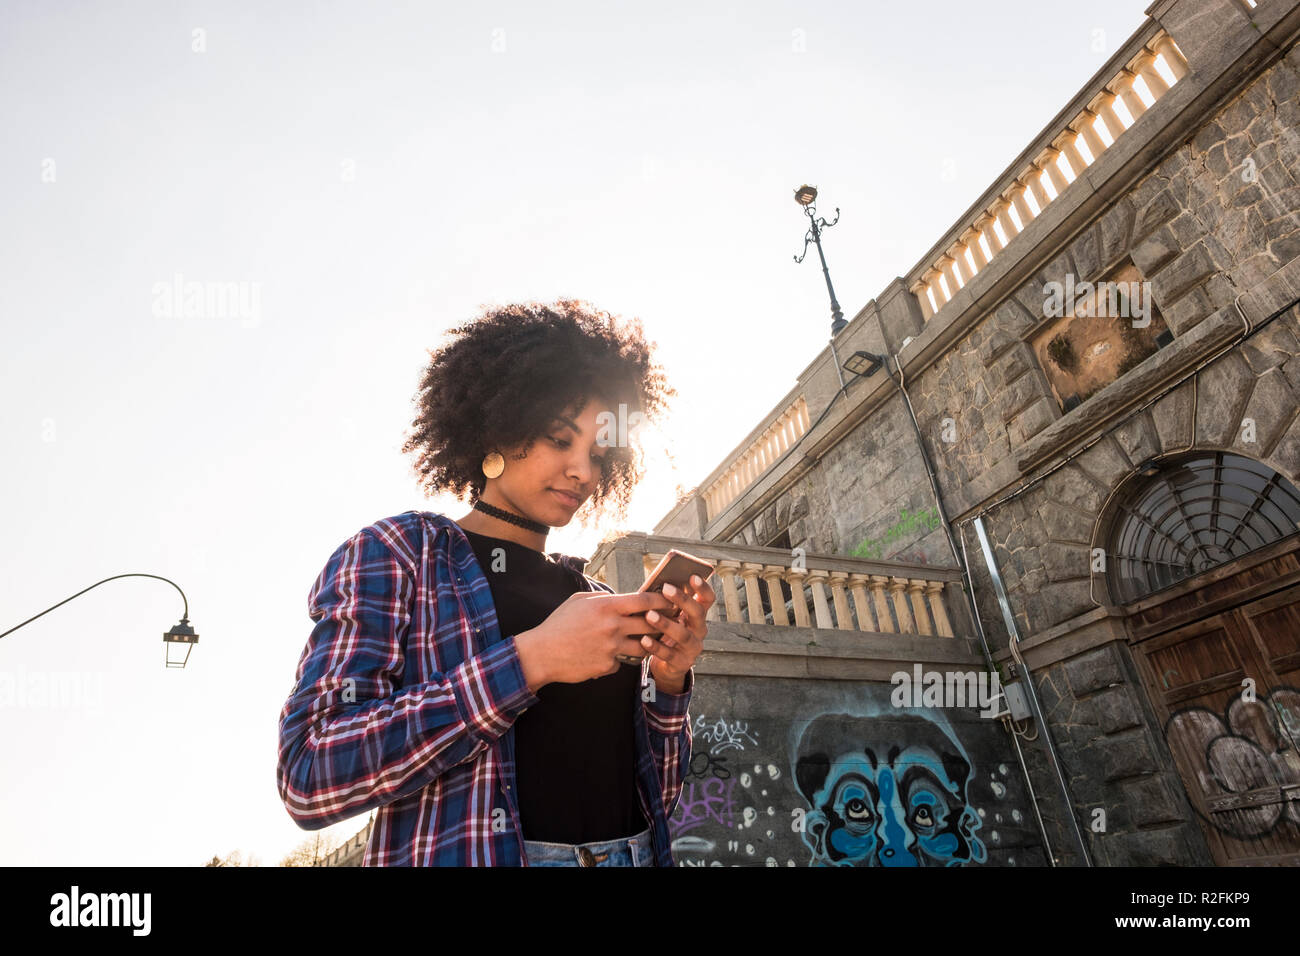 Schöne junge Frau zu Fuß in die Stadt mit einem smart phone Nachrichten an Freunde oder prüfen Sie auf e-Mail und soziale Netzwerke zu senden profilesl Jugendlicher Menschen in städtischen Wettbewerb und Lebensstil Stockbild